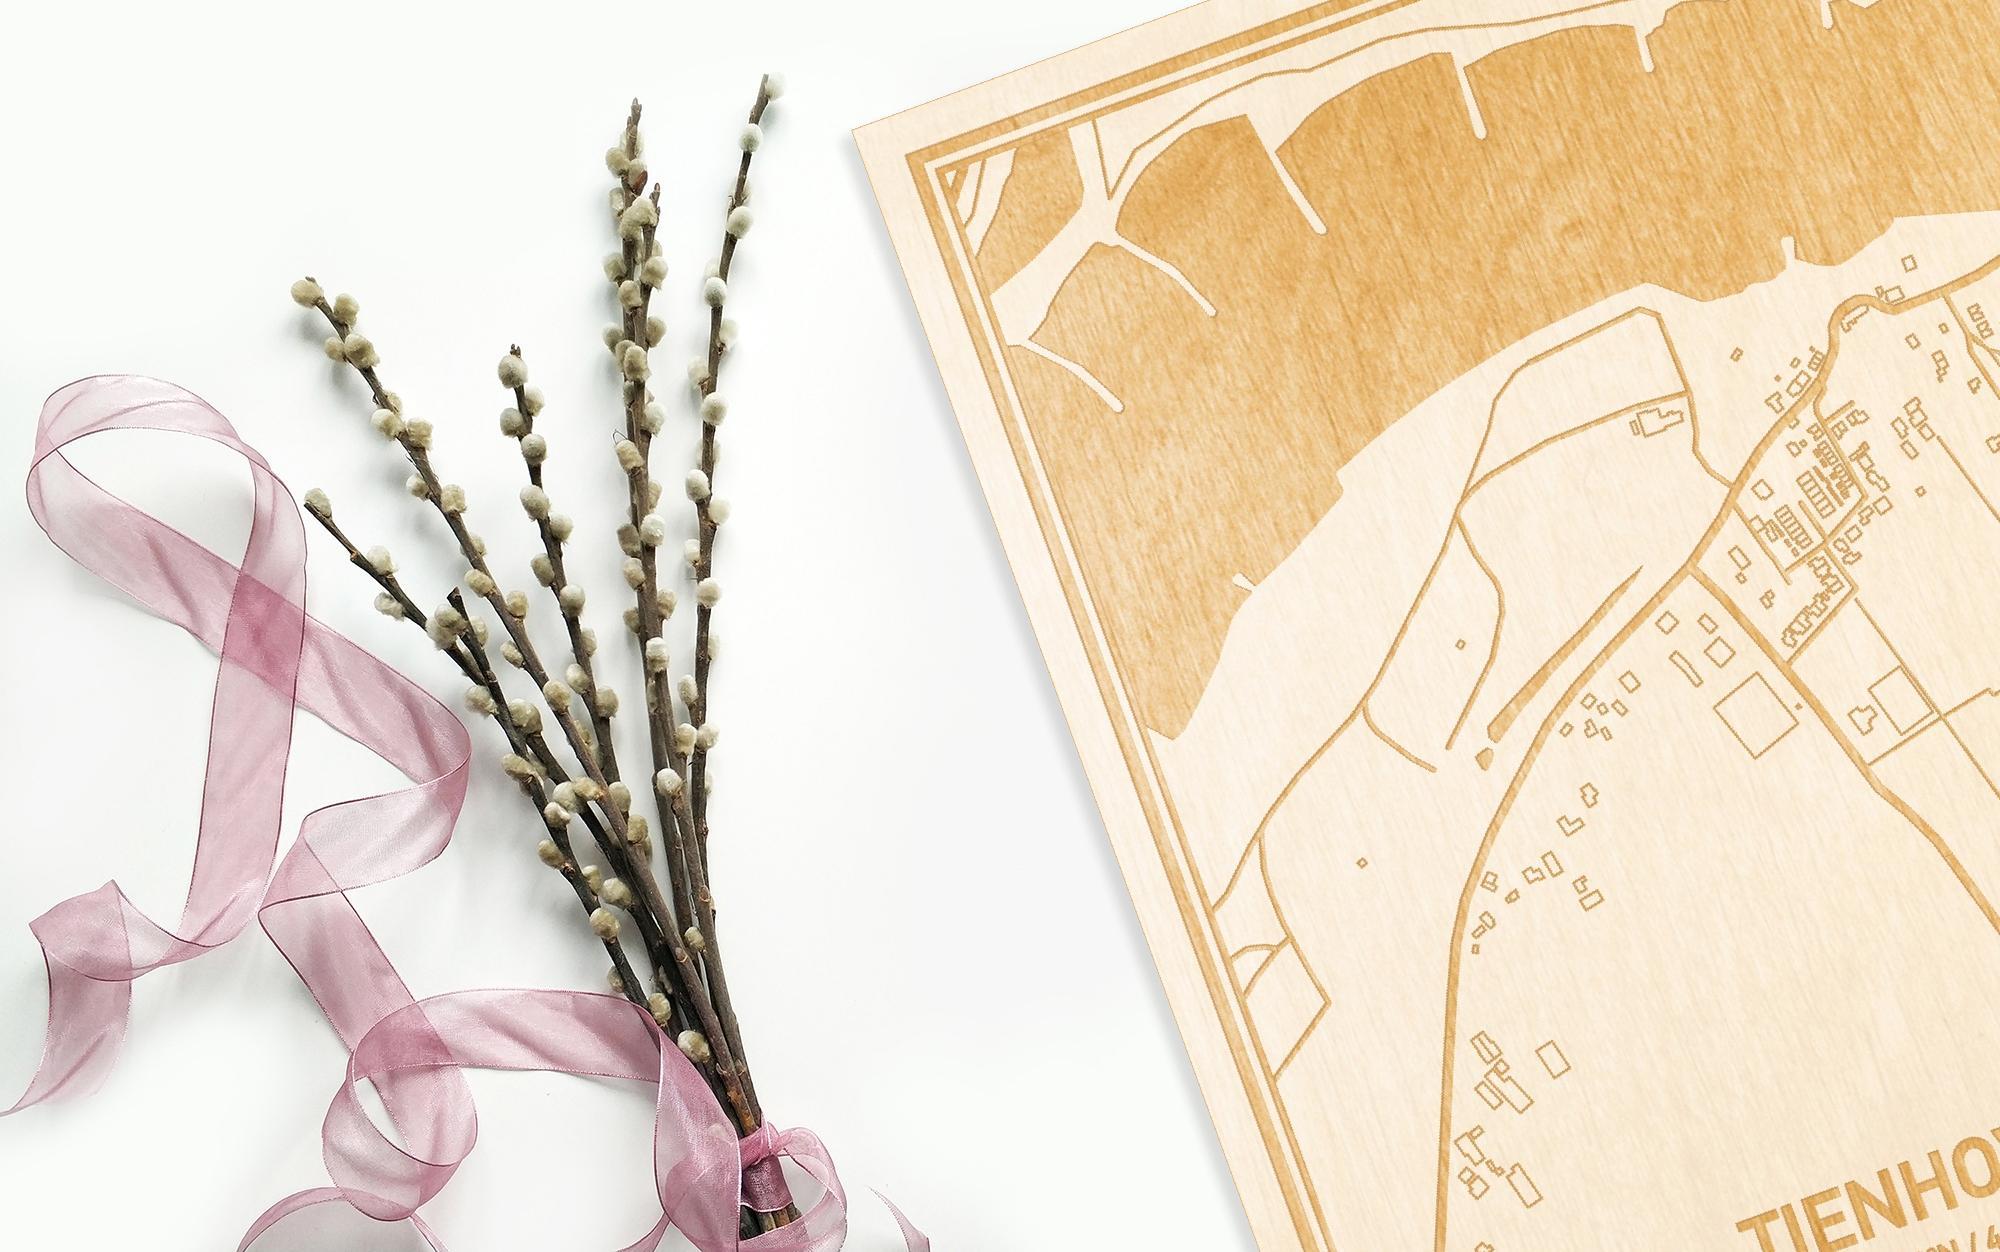 Hier ligt de houten plattegrond Tienhoven naast een bloemetje als gepersonaliseerd cadeau voor haar.